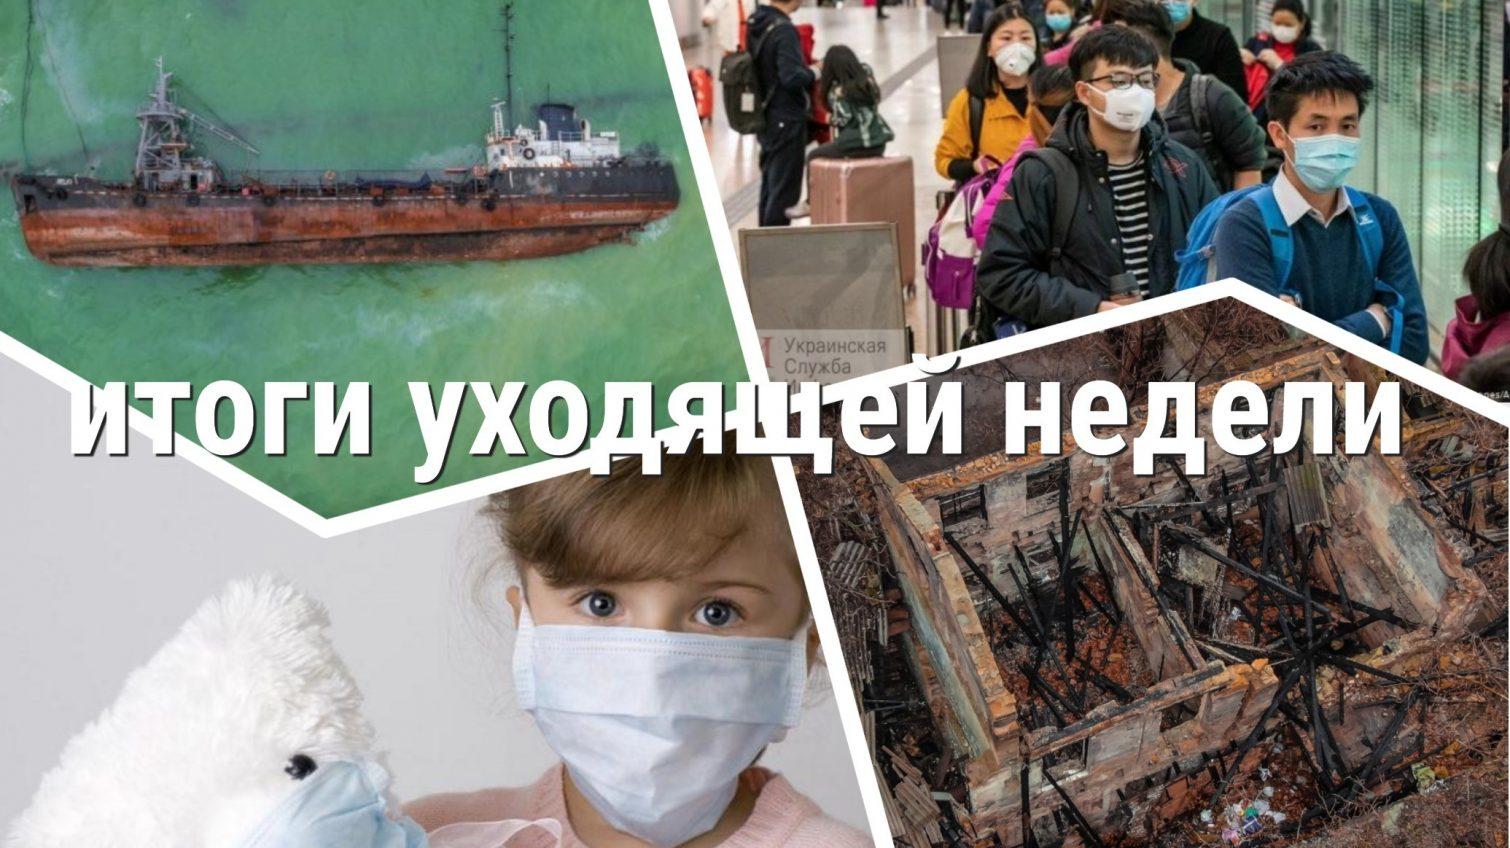 Страсти по Delfi и детсаду на Каркашадзе, китайский коронавирус и карантин из-за гриппа: итоги уходящей недели «фото»